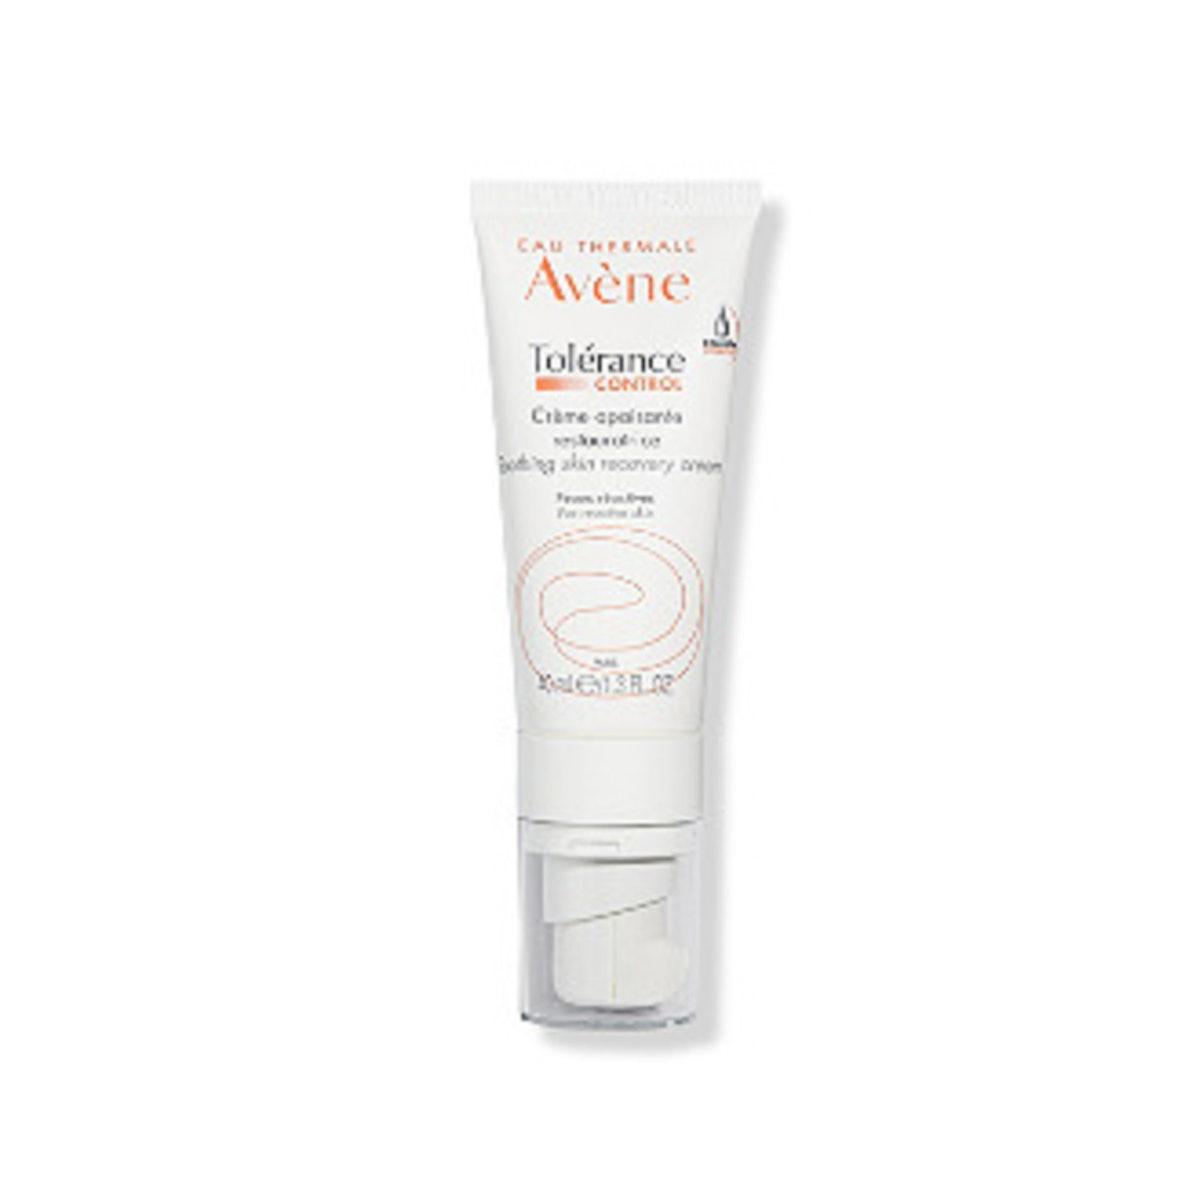 Tolerance Control Skin Recovery Cream